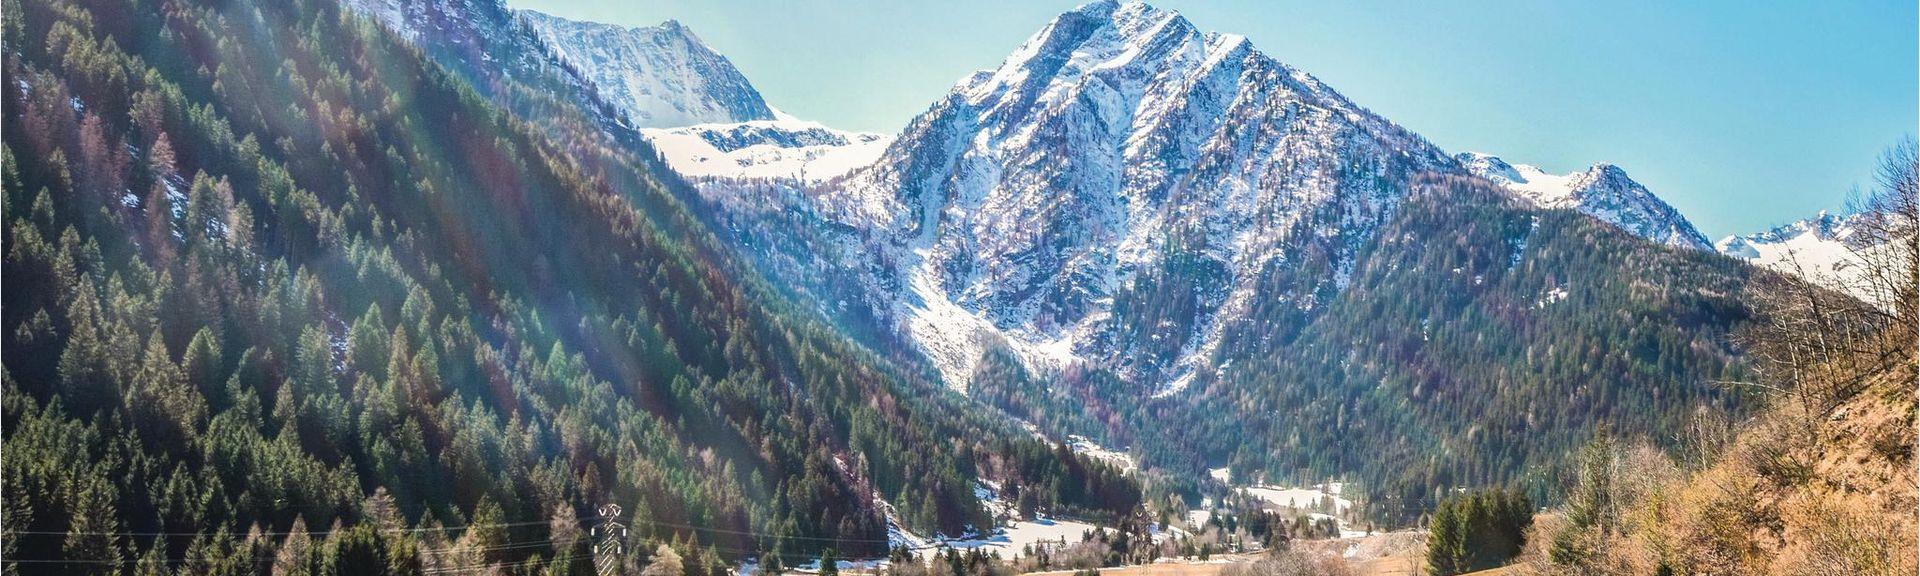 Madonna di Campiglio, Trentino-Etelä-Tiroli, Italia